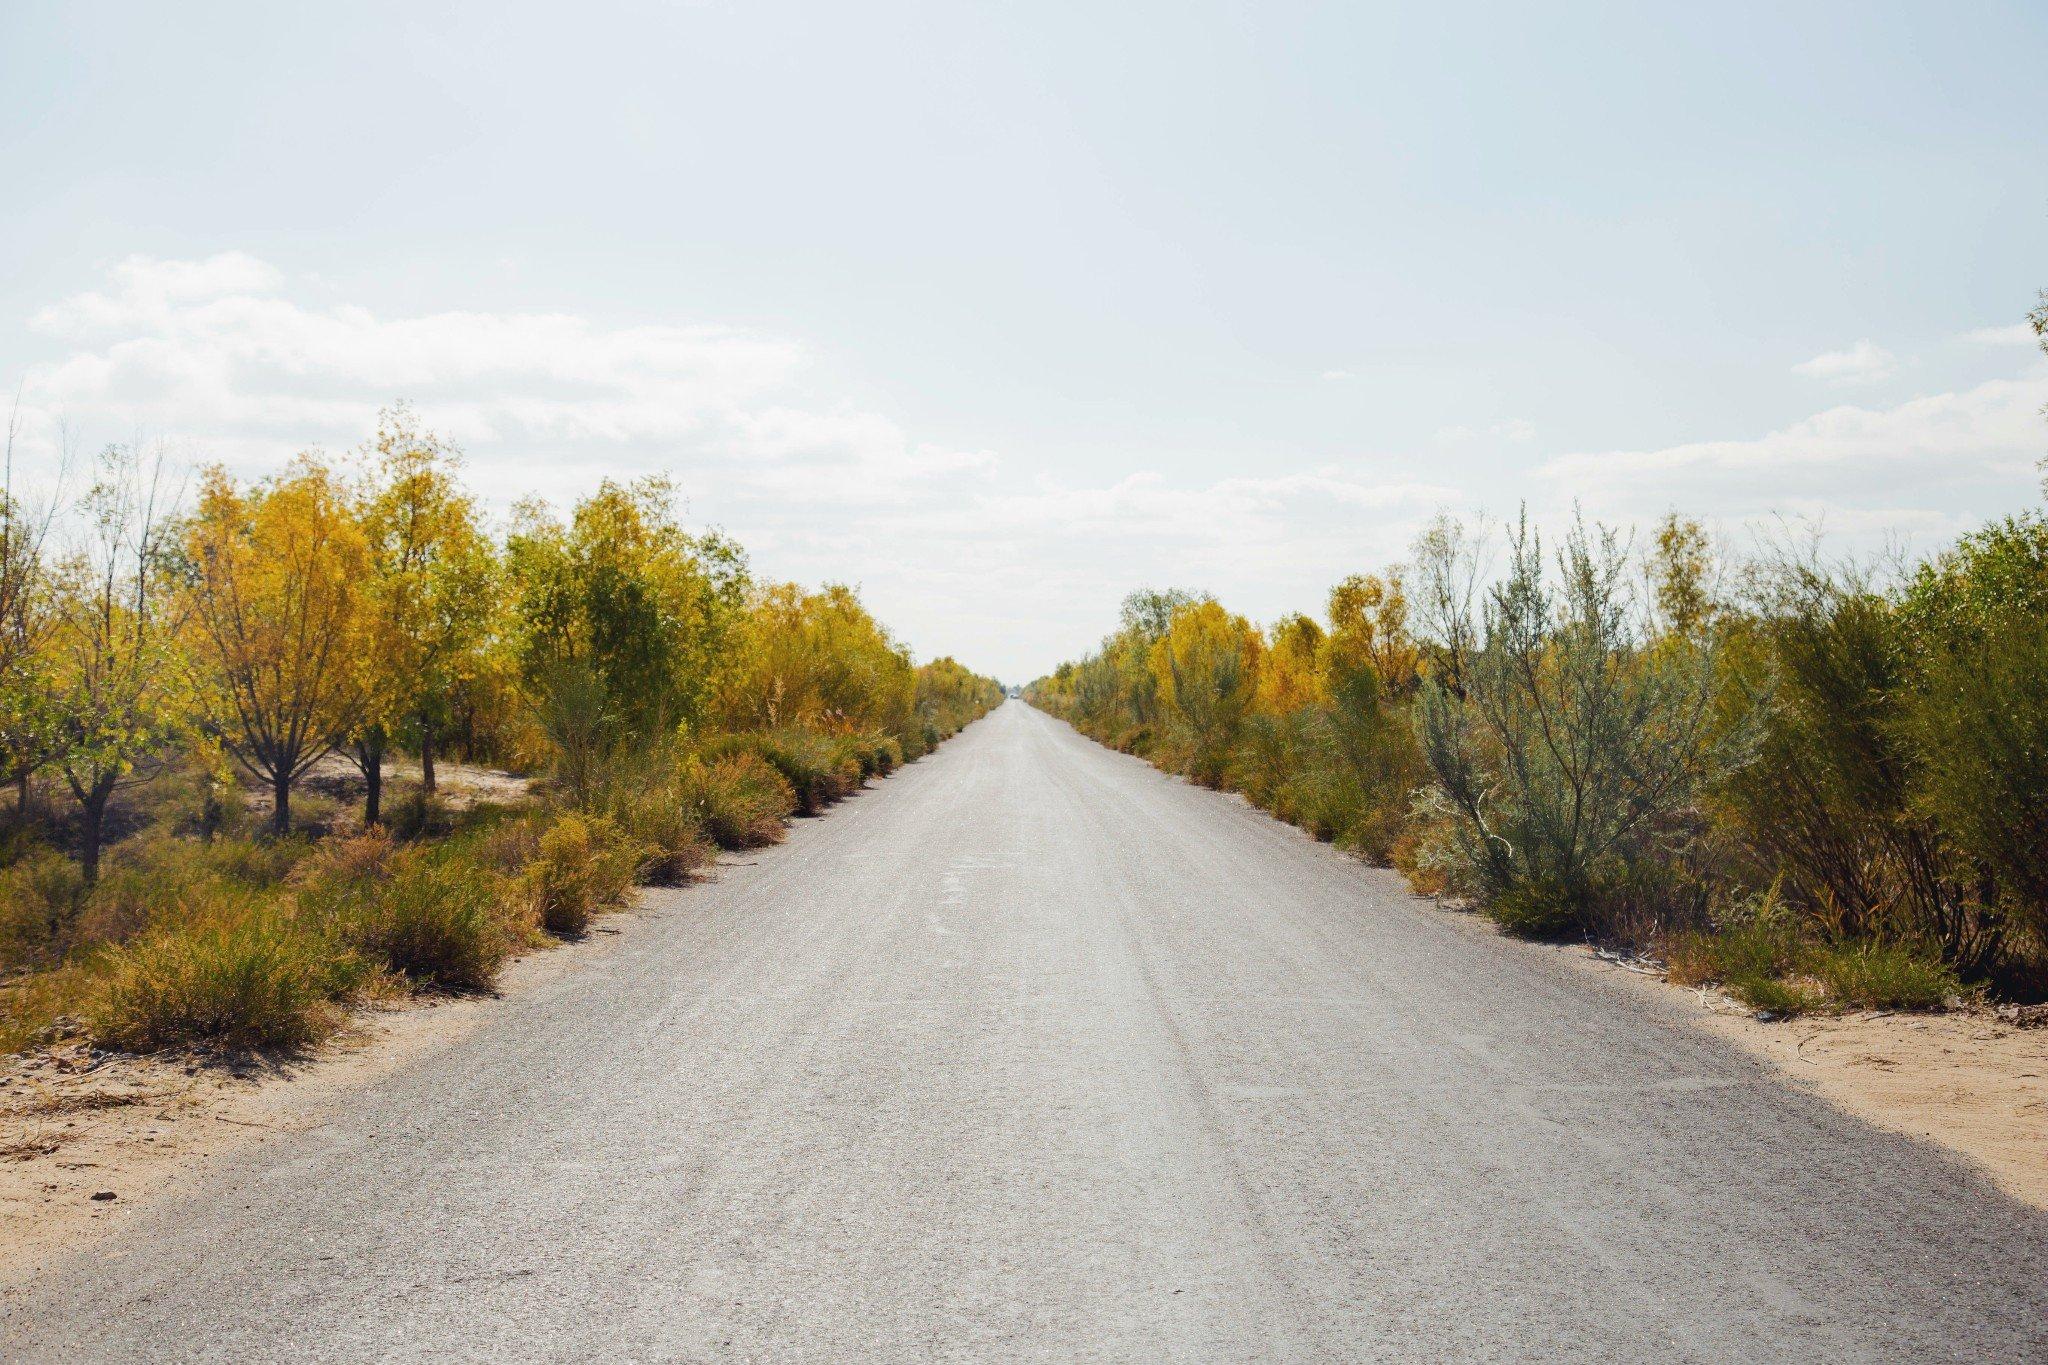 『大睑出品』 内蒙‖ Bayartai! 二千公里云与月 陷进大漠与草原。